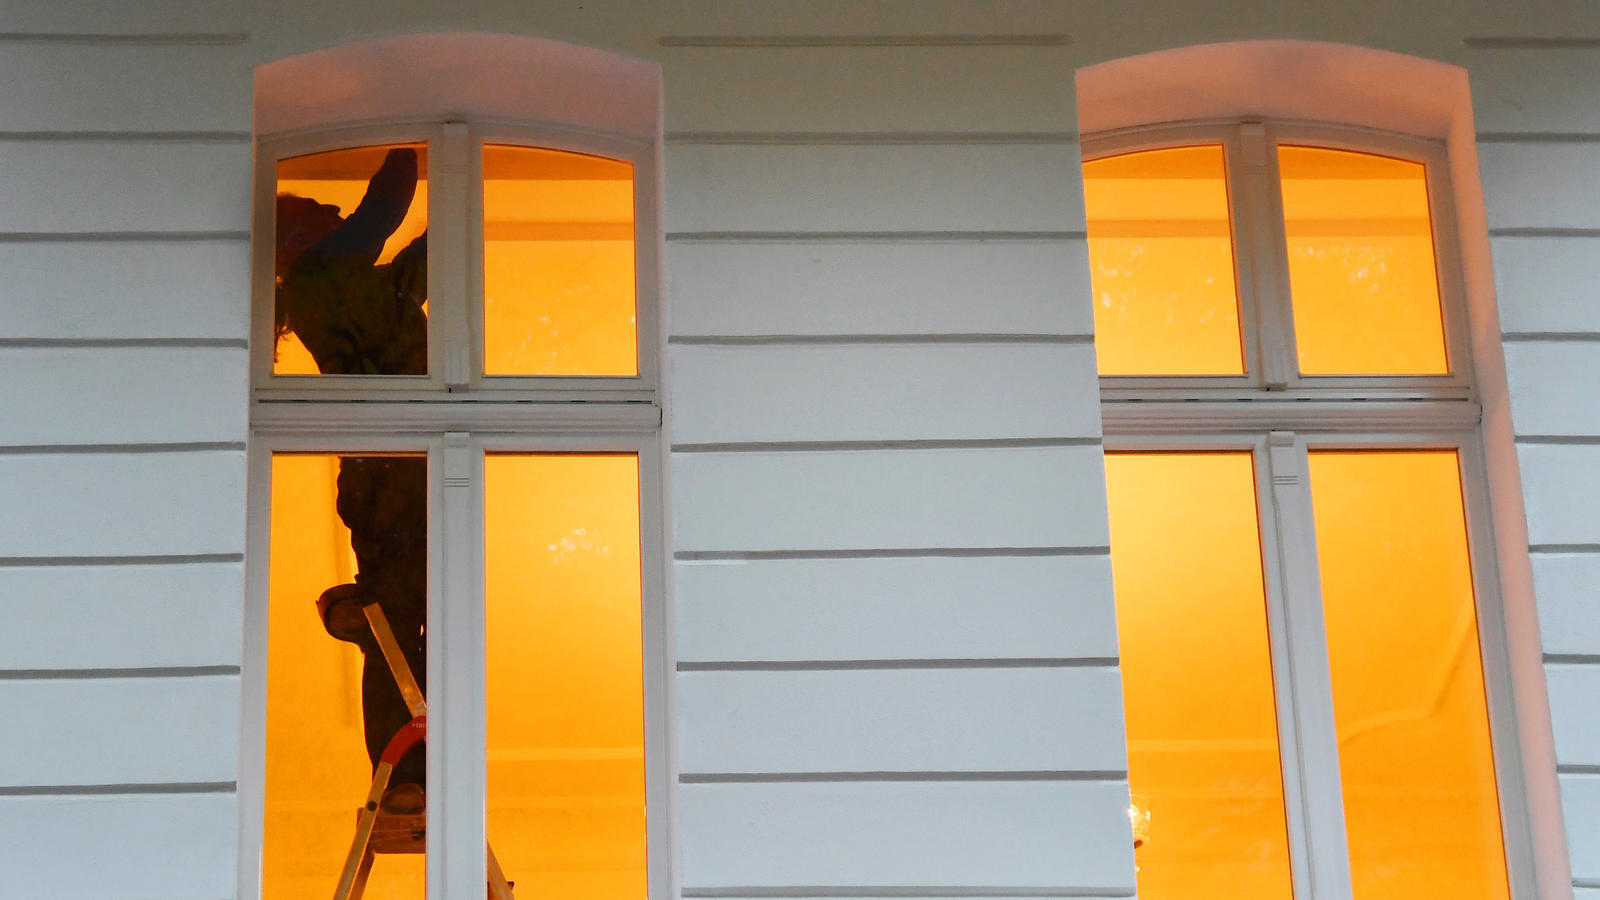 Mal eben auf die Leiter klettern - von wegen: Stürze im Haushalt sind ein unterschätztes Unfall-Risiko.